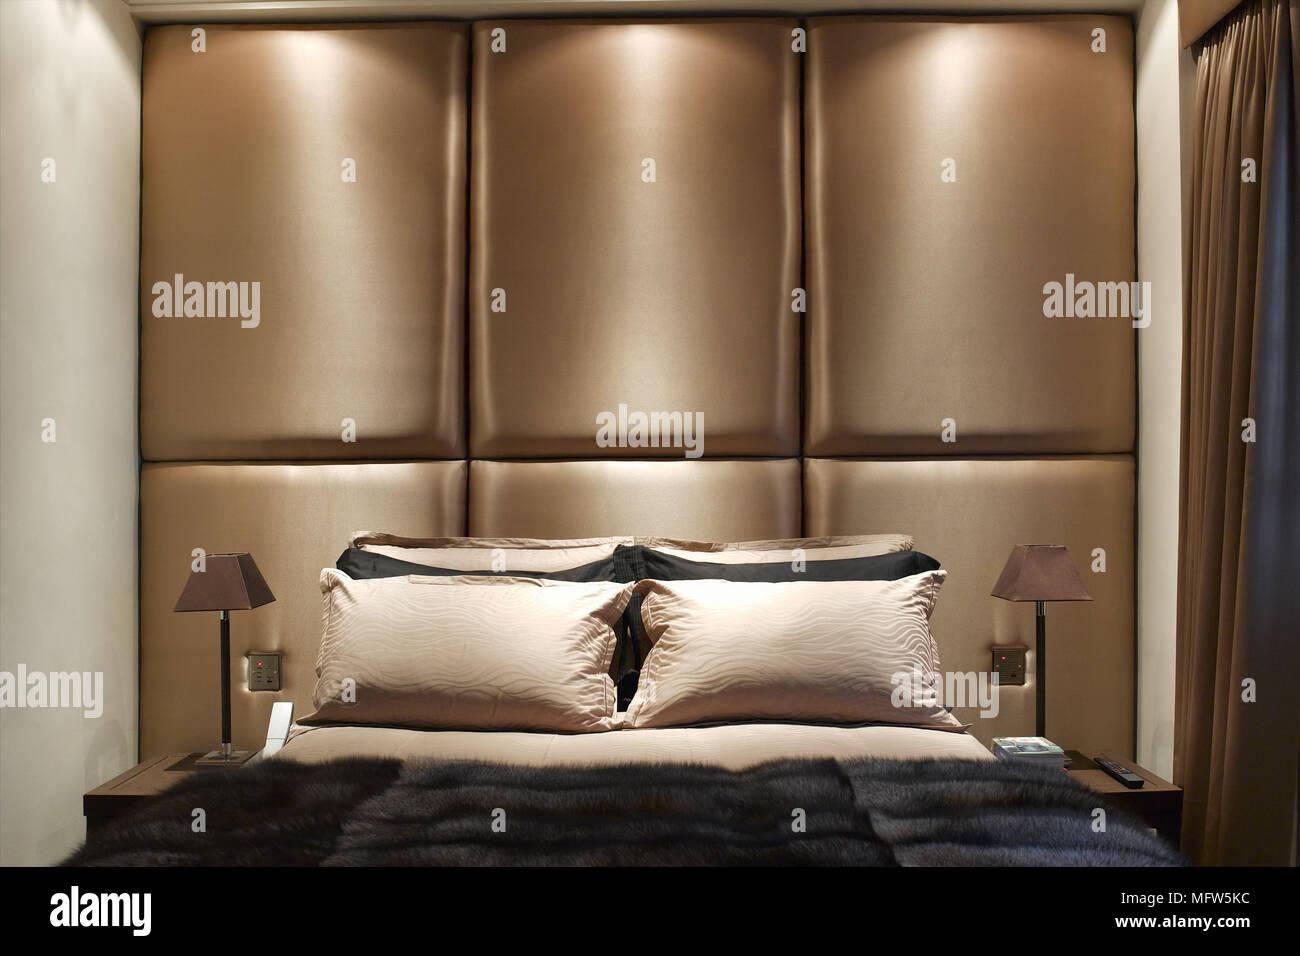 Ein Modernes Schlafzimmer Mit Einer Gepolsterten Holzgetafelten Wand Uber Ein Doppelbett Mit Beleuchtung Von Oben Stockfotografie Alamy